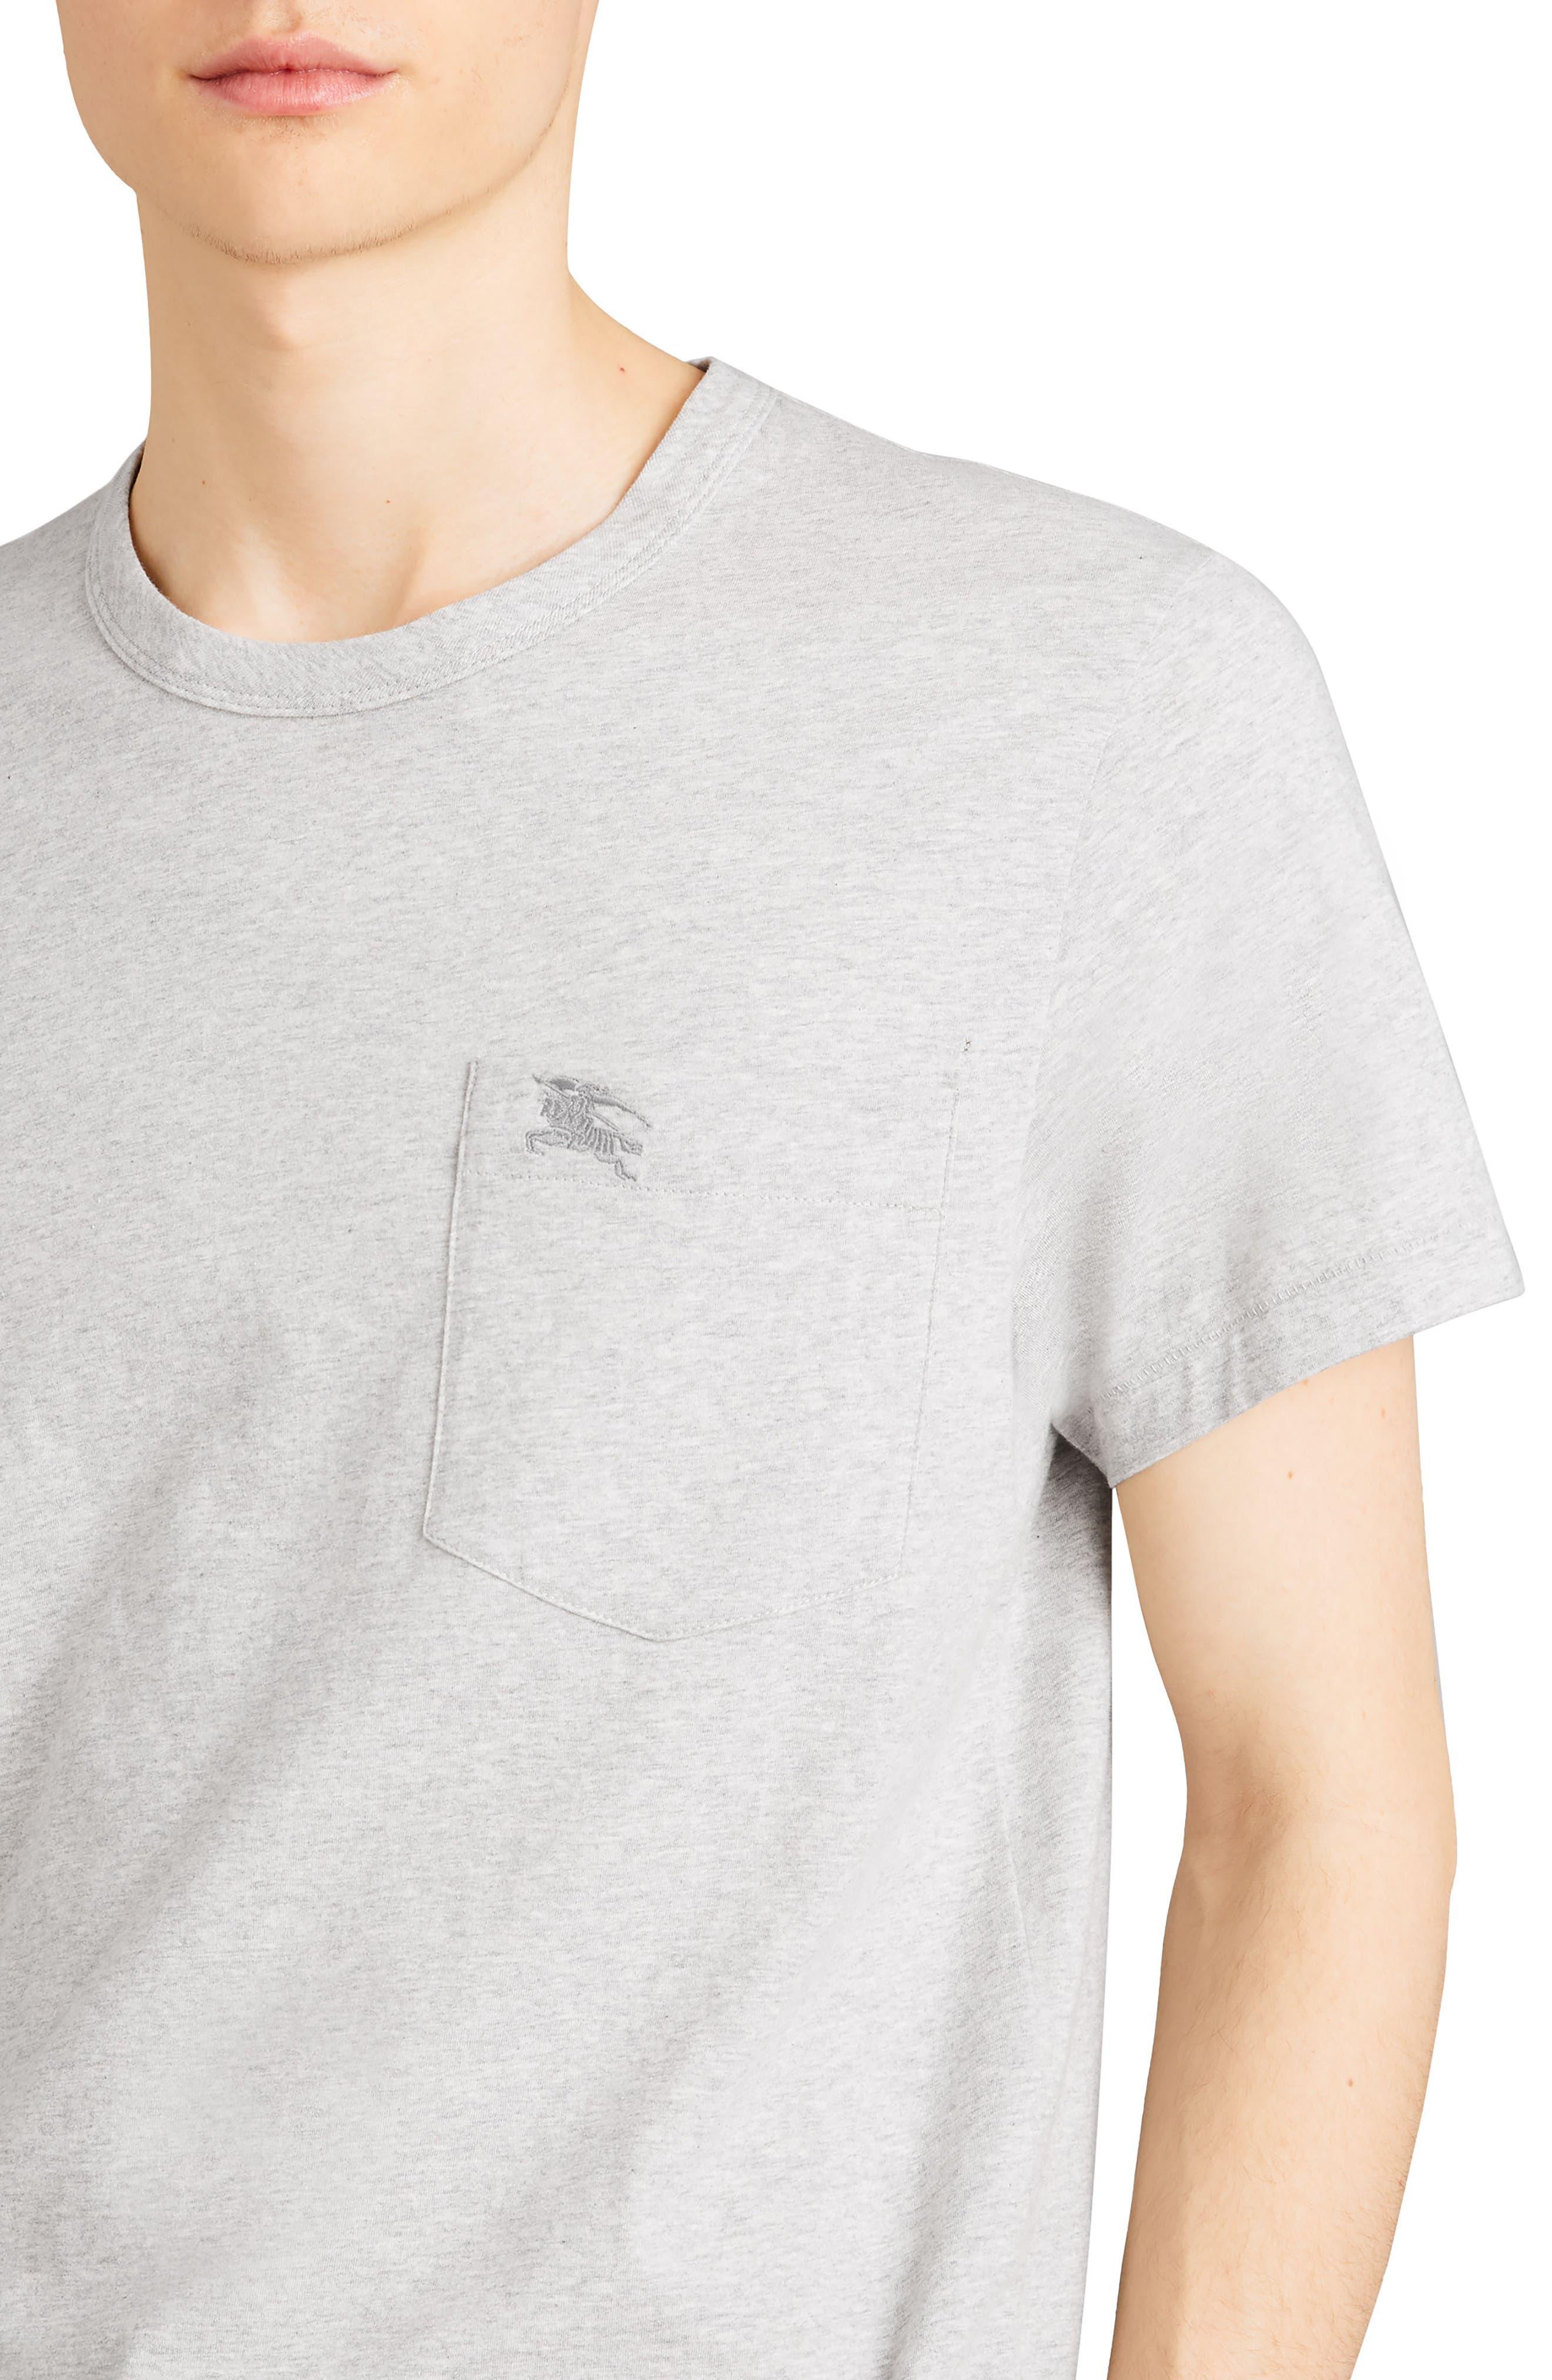 Henton T-Shirt,                             Alternate thumbnail 4, color,                             050